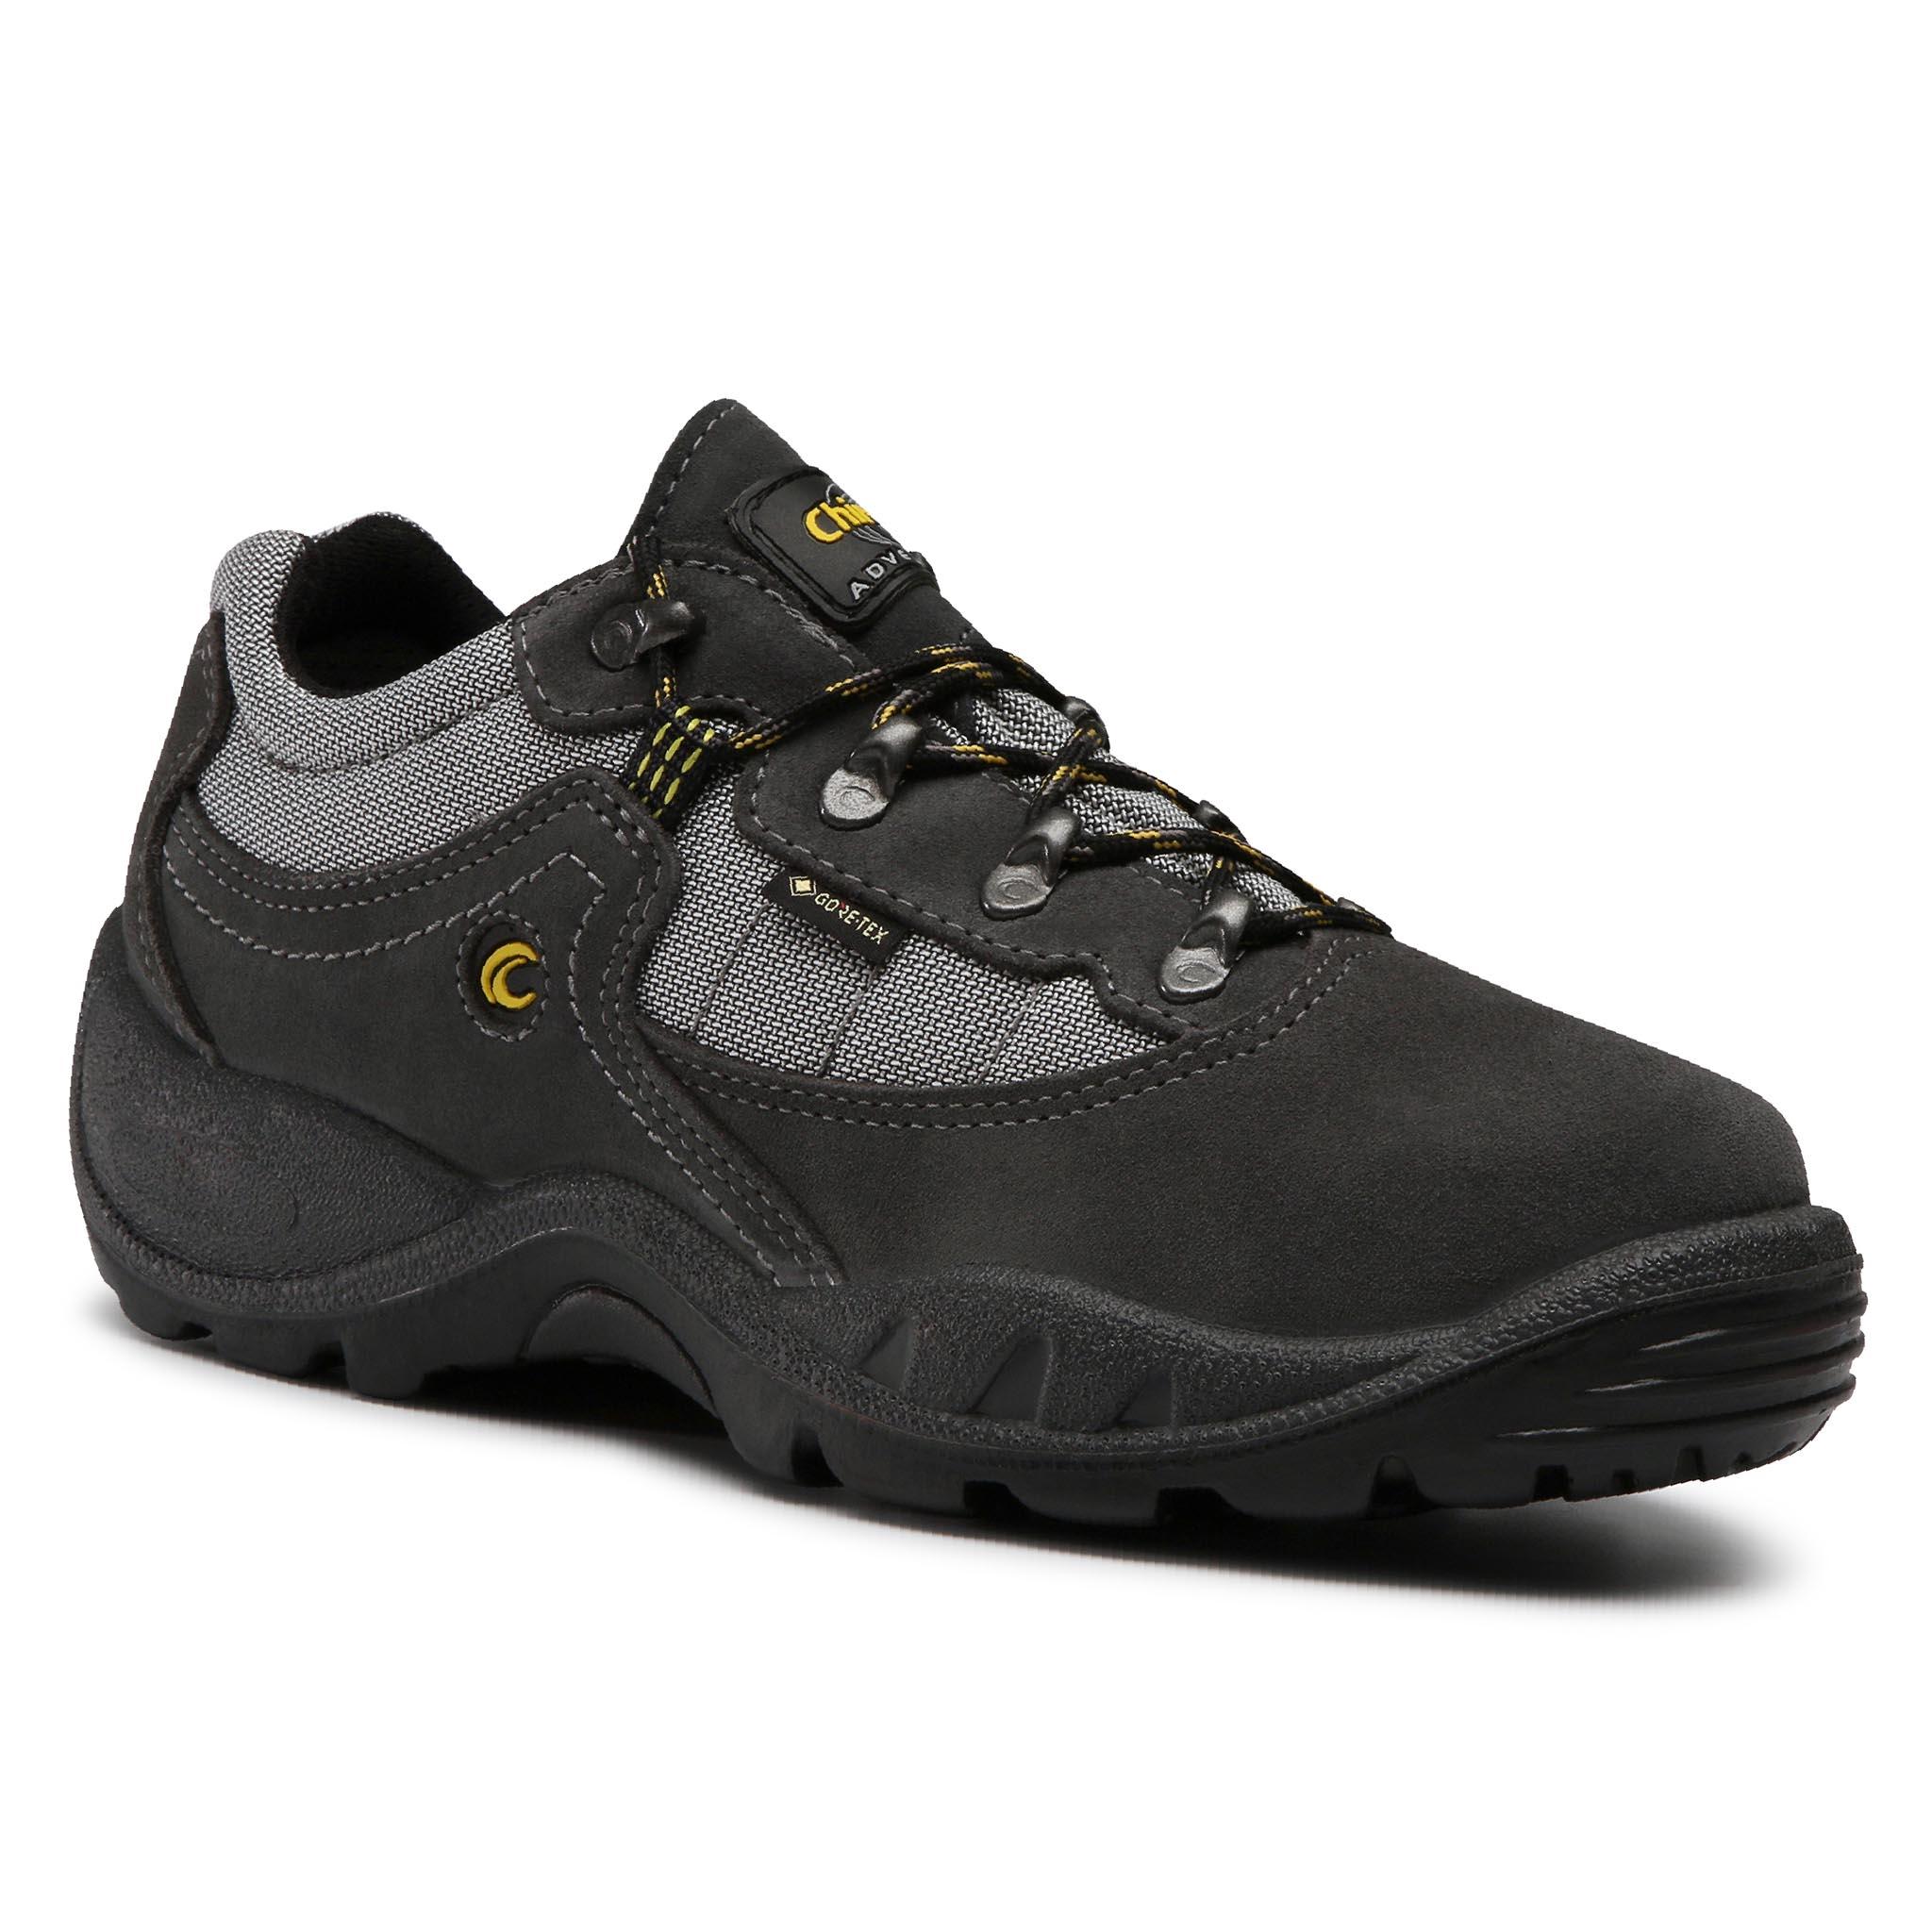 Trekingová obuv CHIRUCA - Tasmania 10 GORE-TEX 4415010  Gris